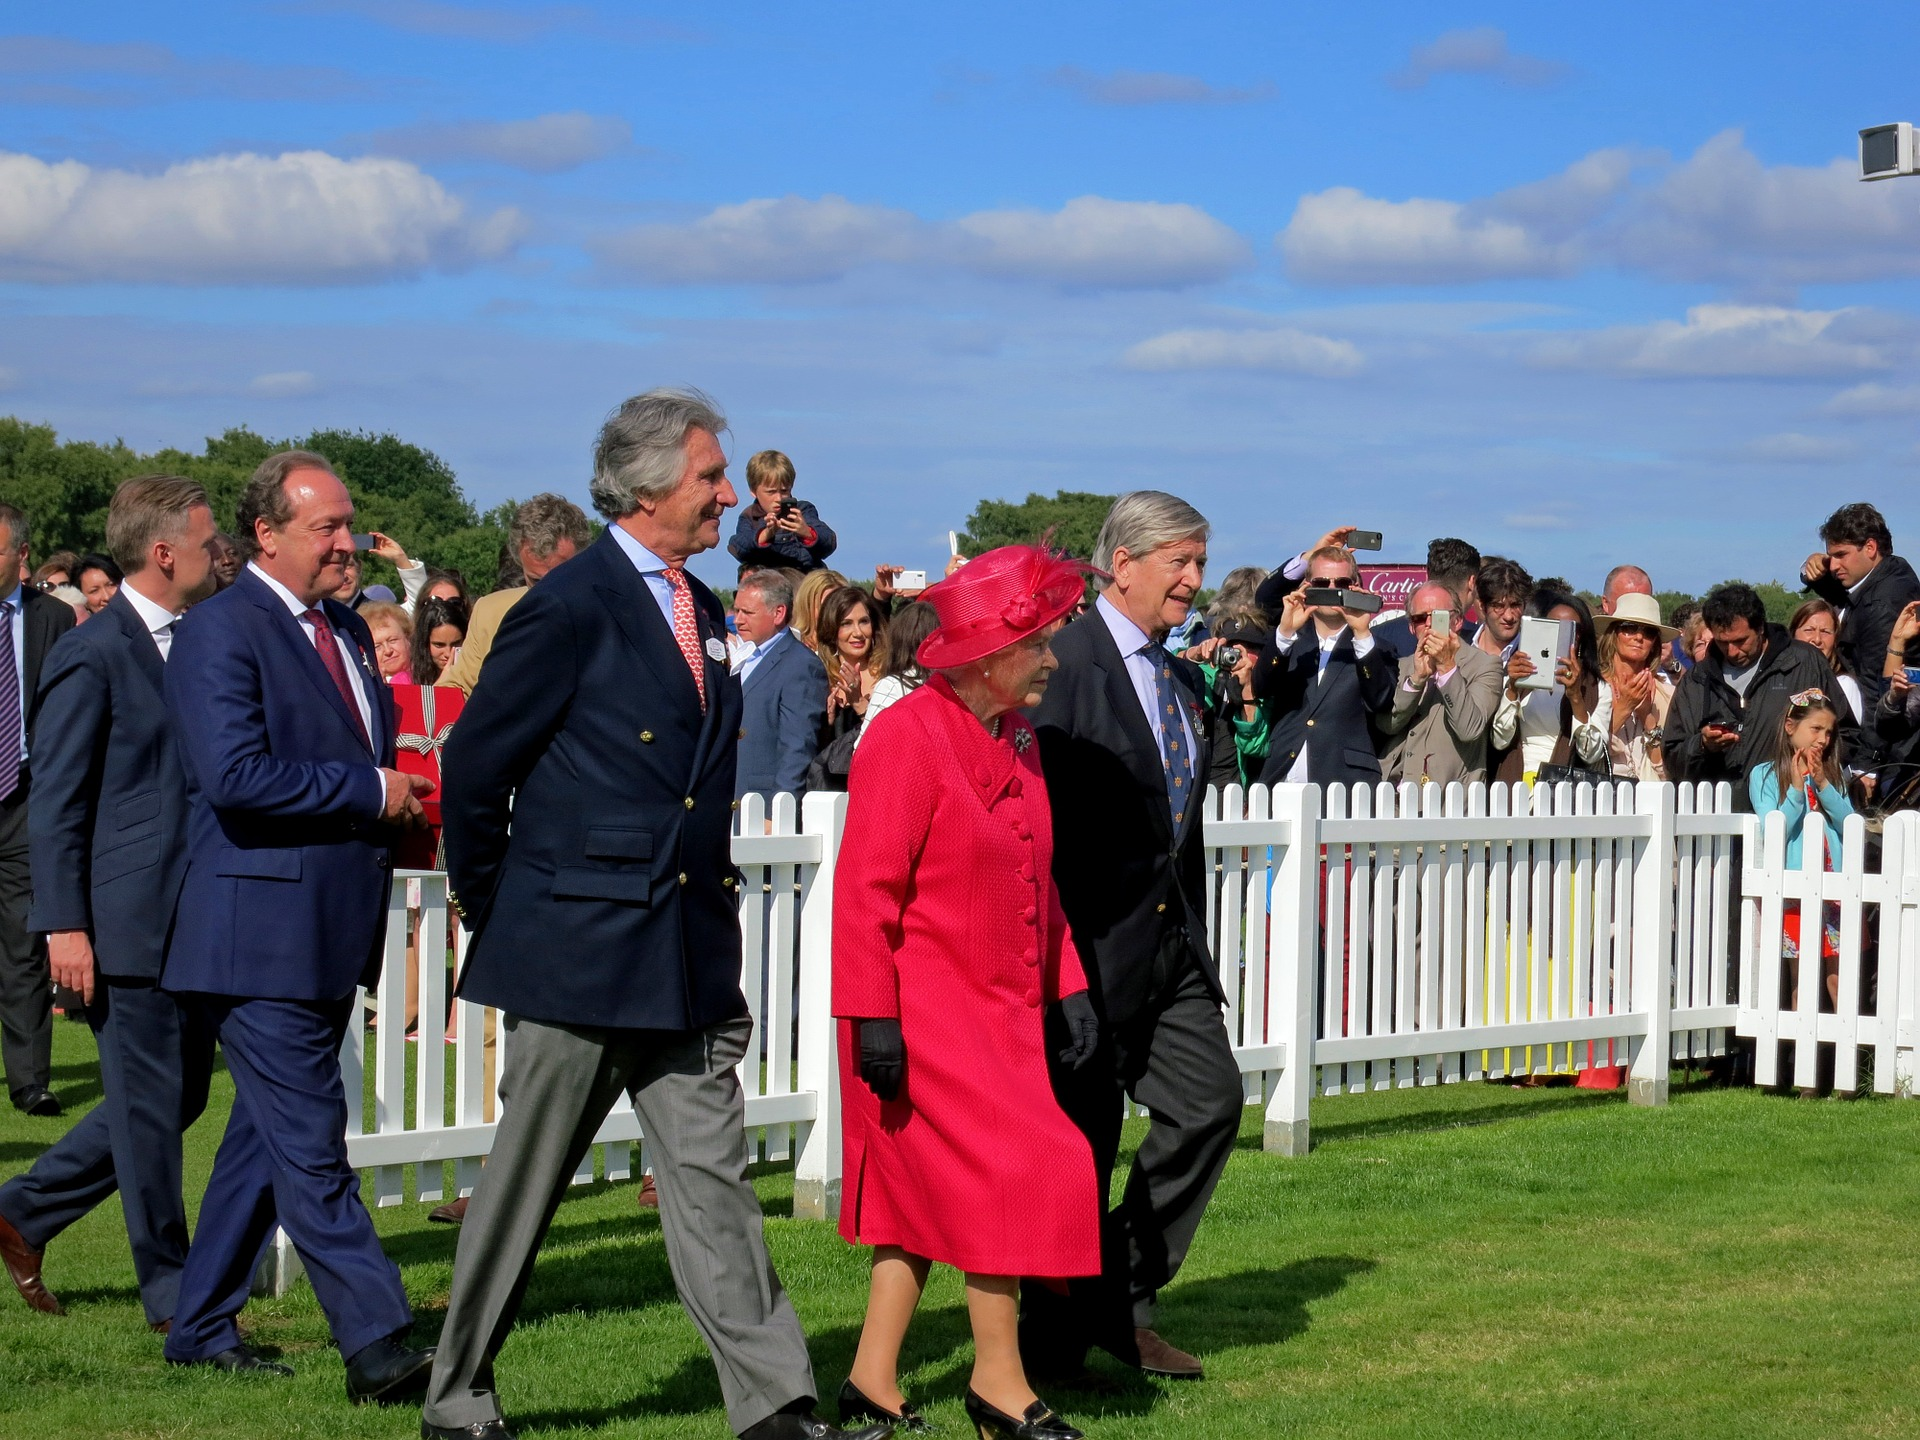 La reine Elizabeth II est le monarque vivant qui règne le plus longtemps après la mort du roi thaïlandais